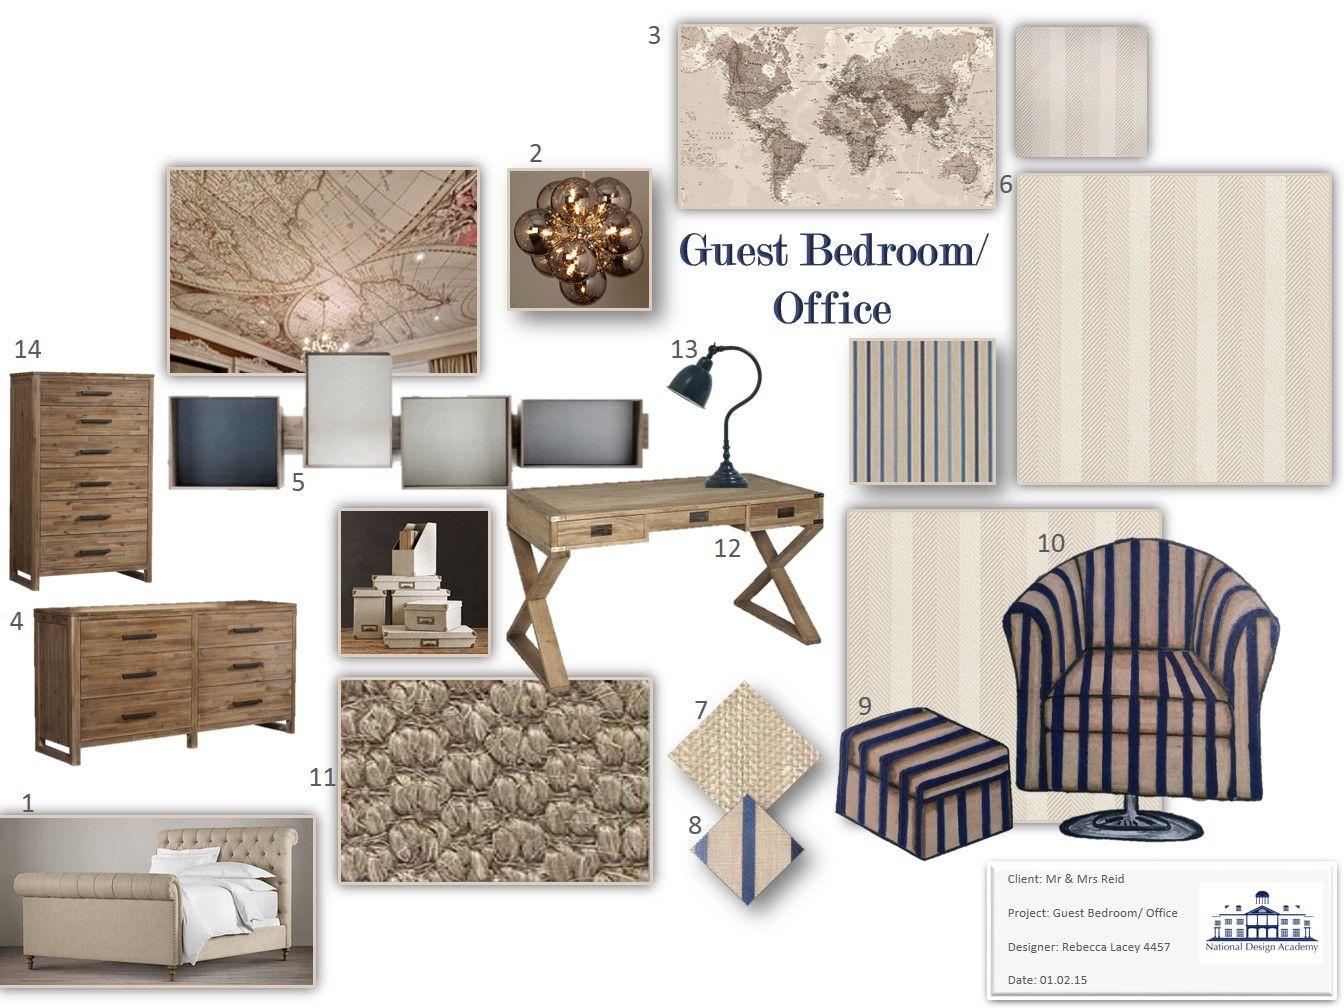 Guest Bedroom Presentation Board Module 11 Final Project